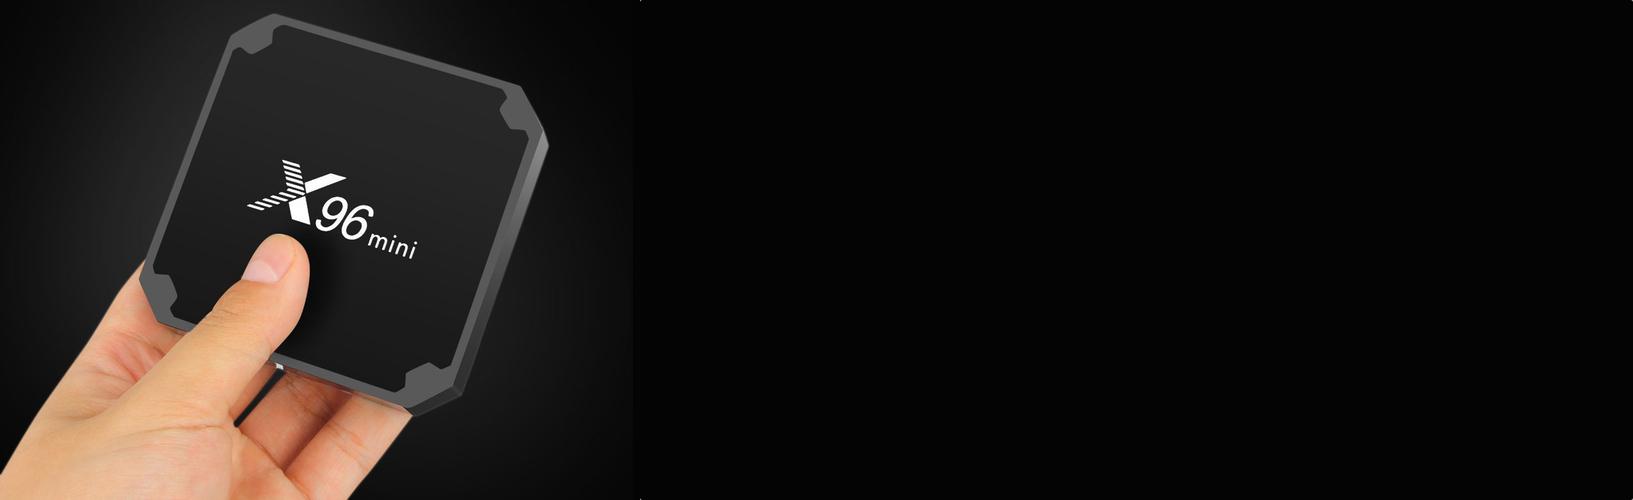 ТВ приставка X96 MINI Amlogic S905W 2/16Гб